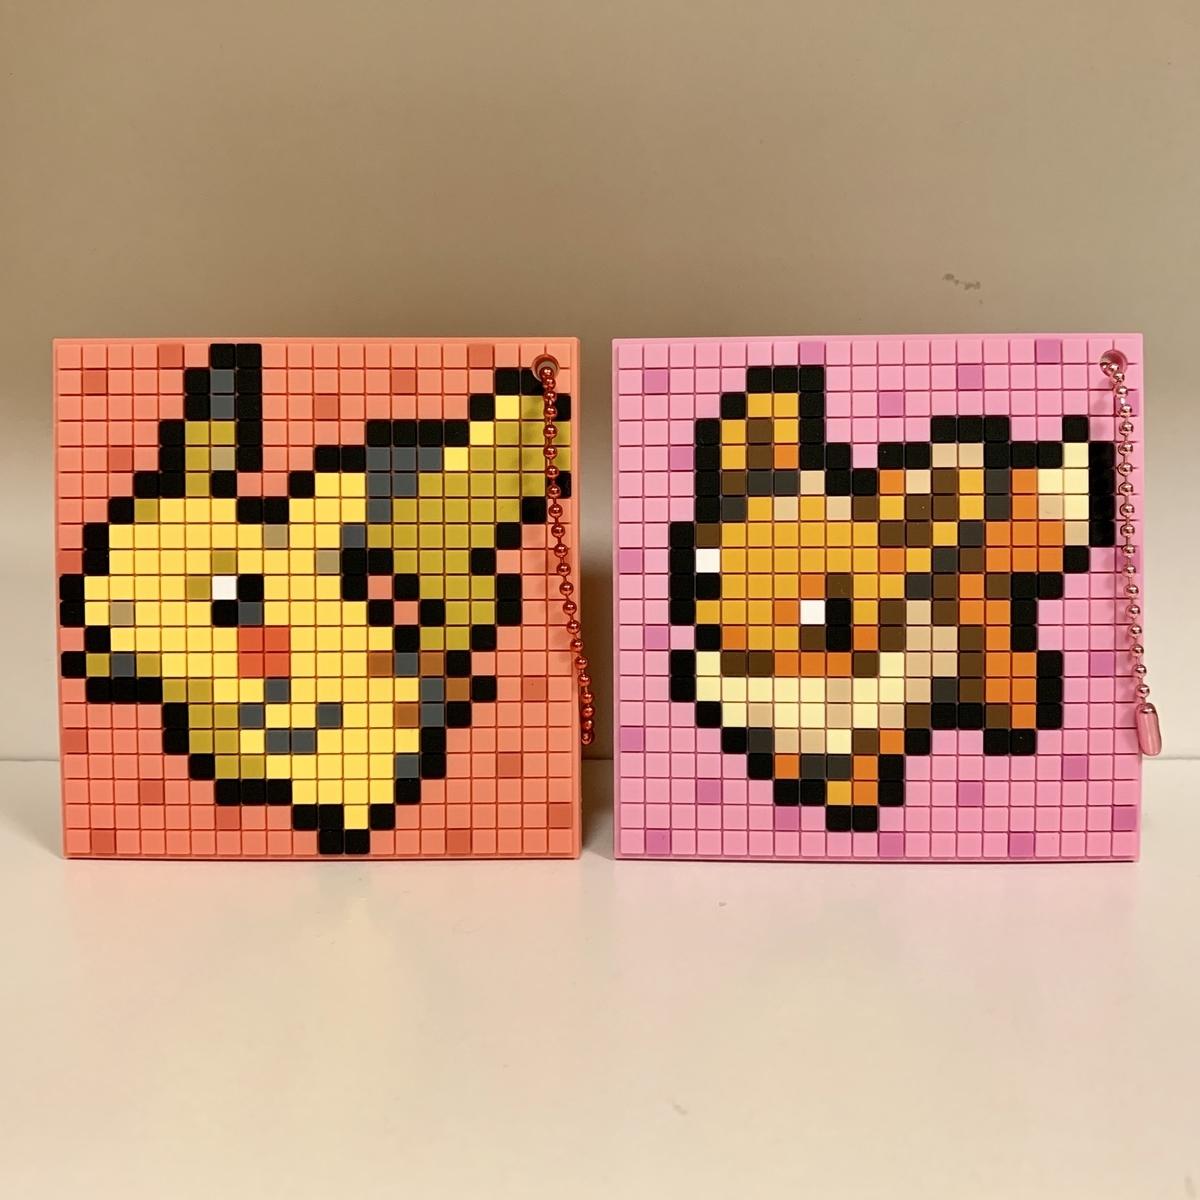 f:id:pikachu_pcn:20191225202051j:plain